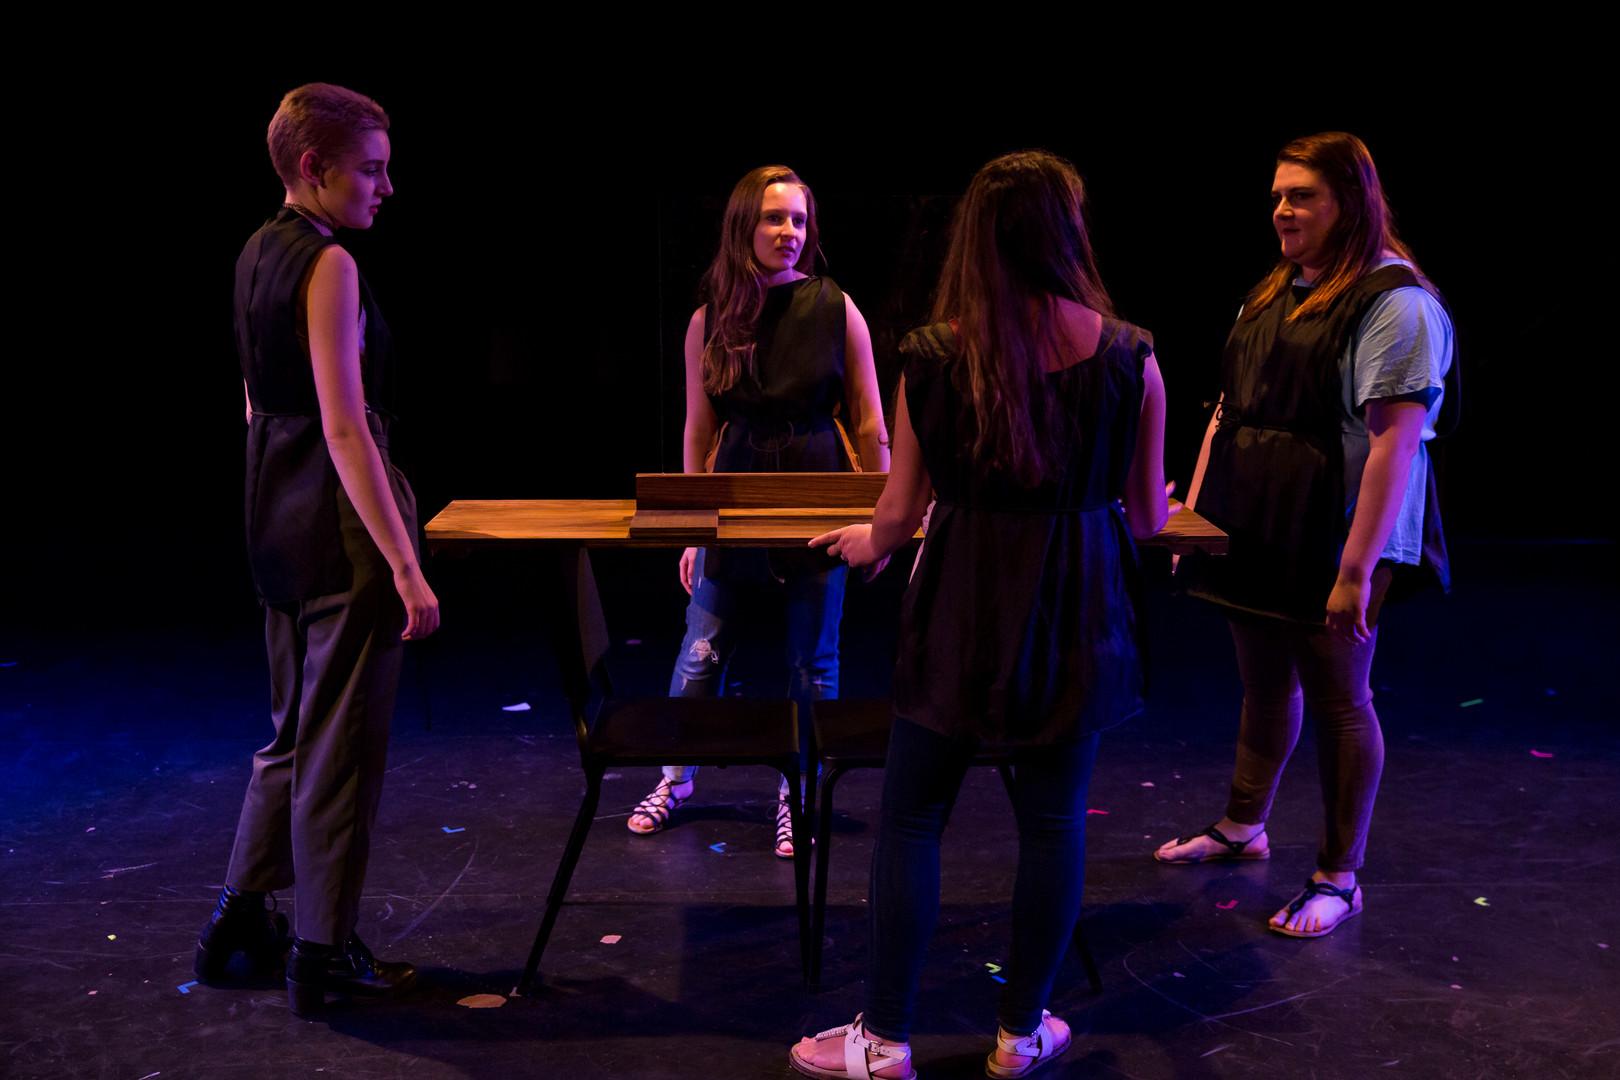 The Maids ensemble